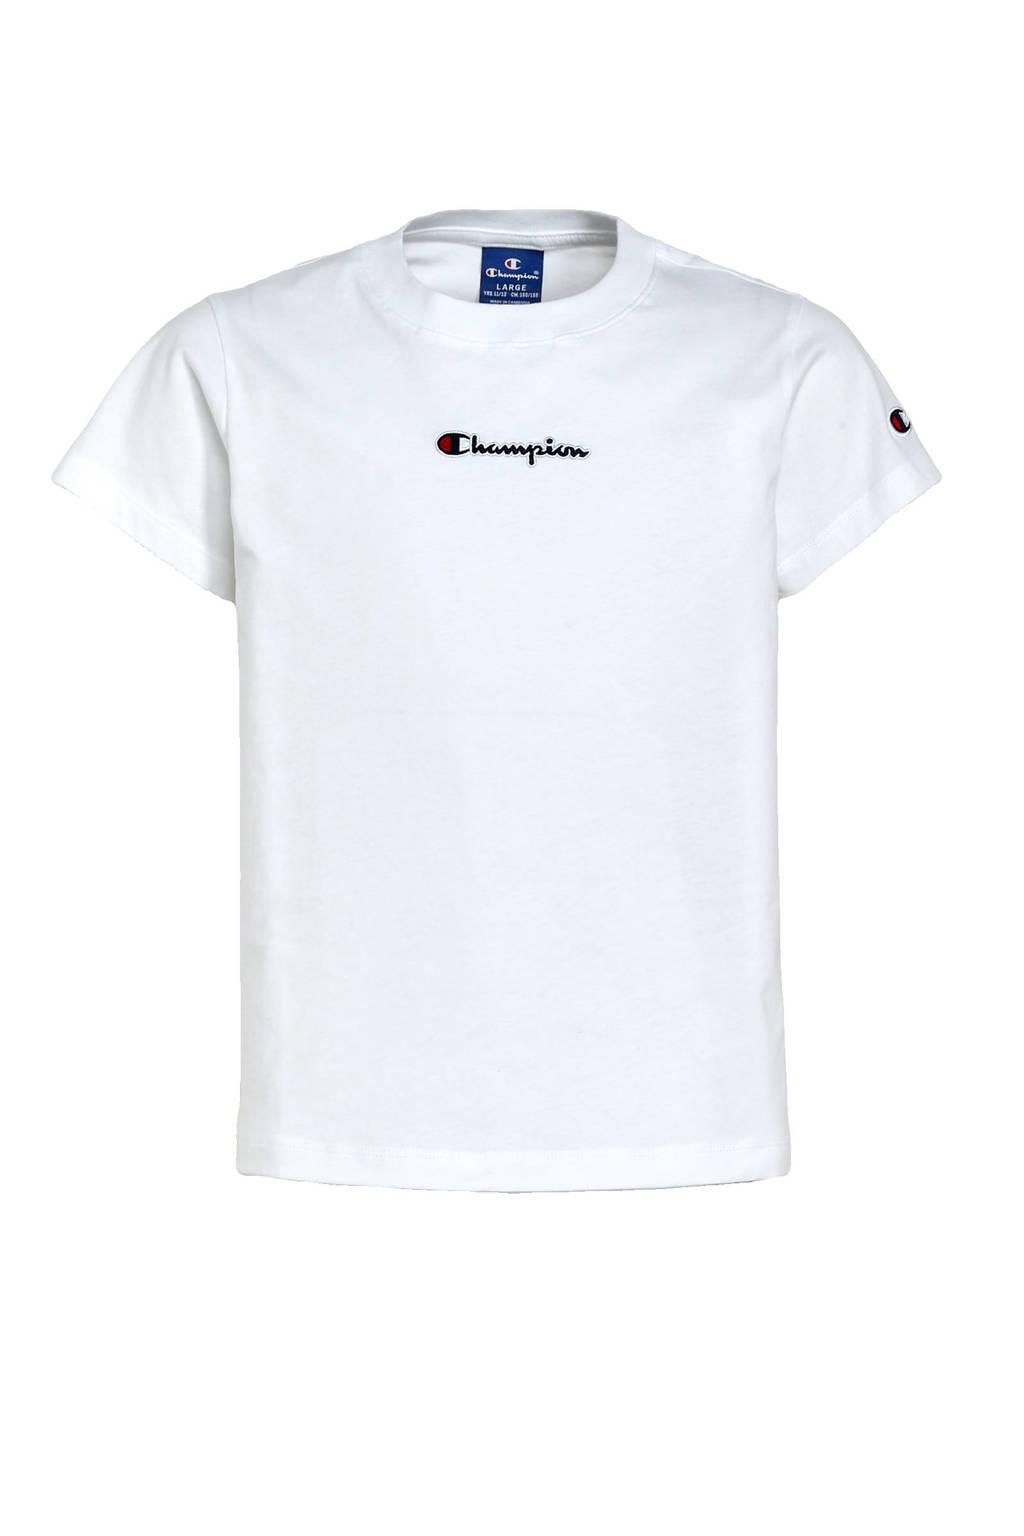 Champion T-shirt met logo wit, Wit